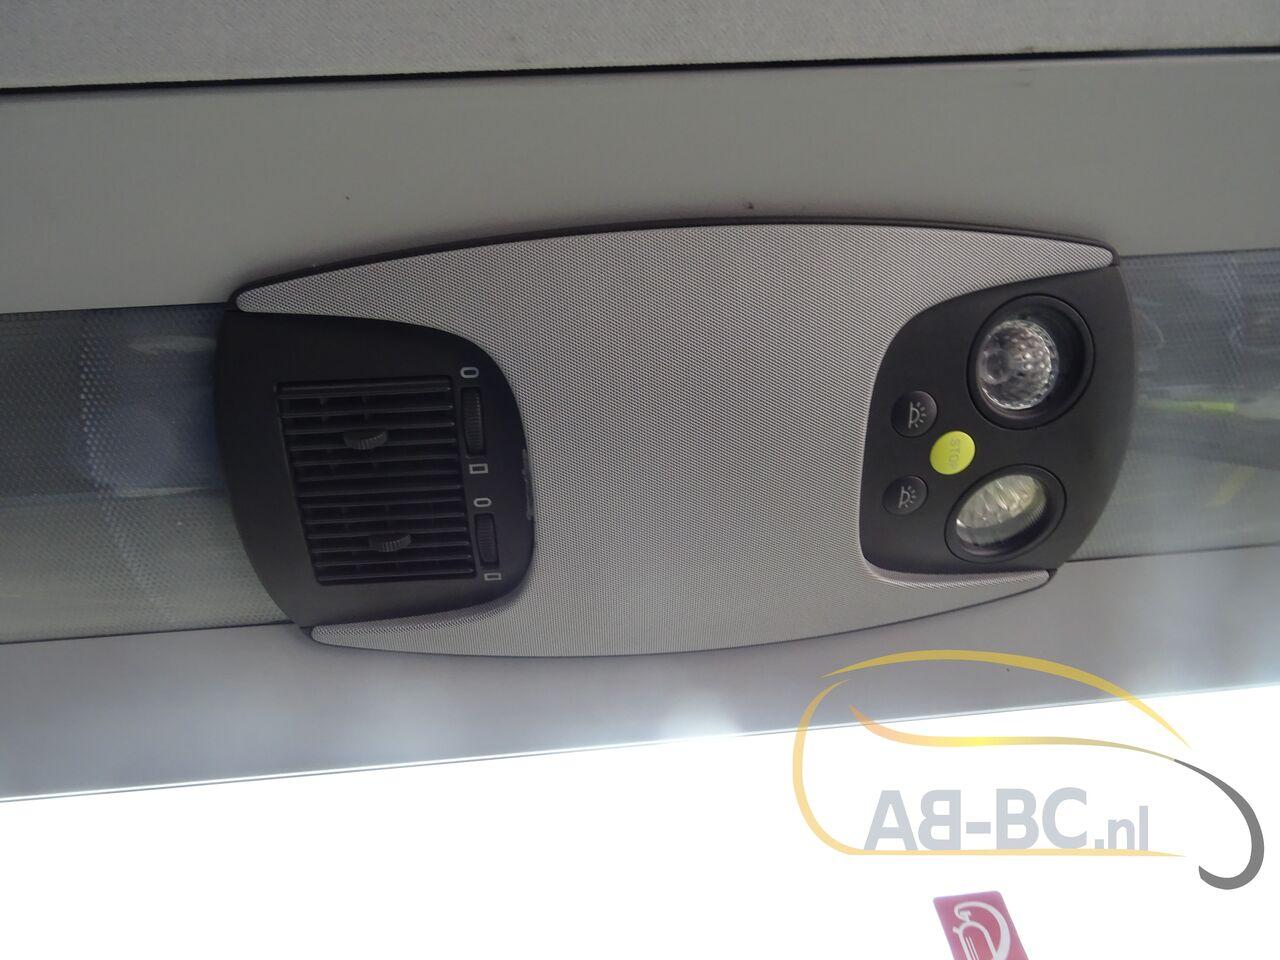 coach-busSETRA-S415-GT-HD-FINAL-EDITION---1627457183145860637_big_5f3691ab2822210e265b39954326db86--21050713010665719300